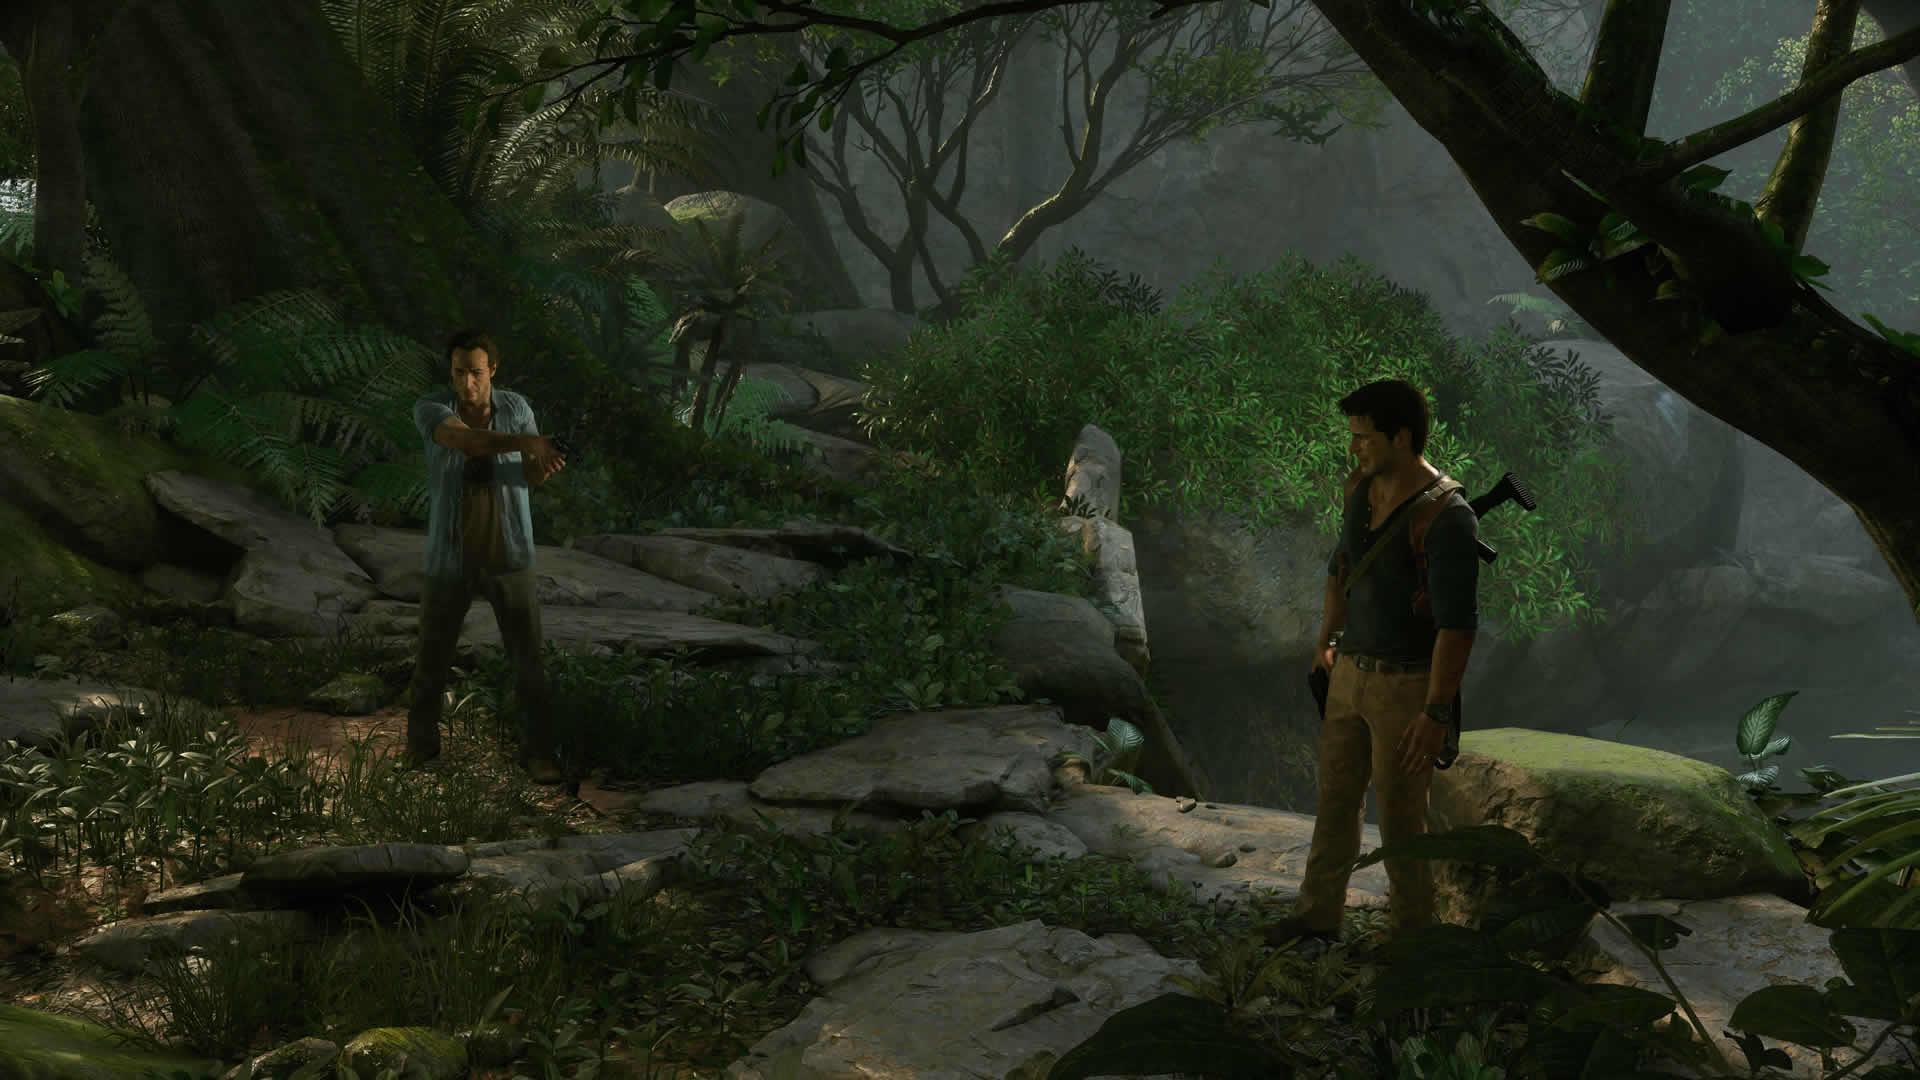 Nové obrázky a artworky z Uncharted 4 105021